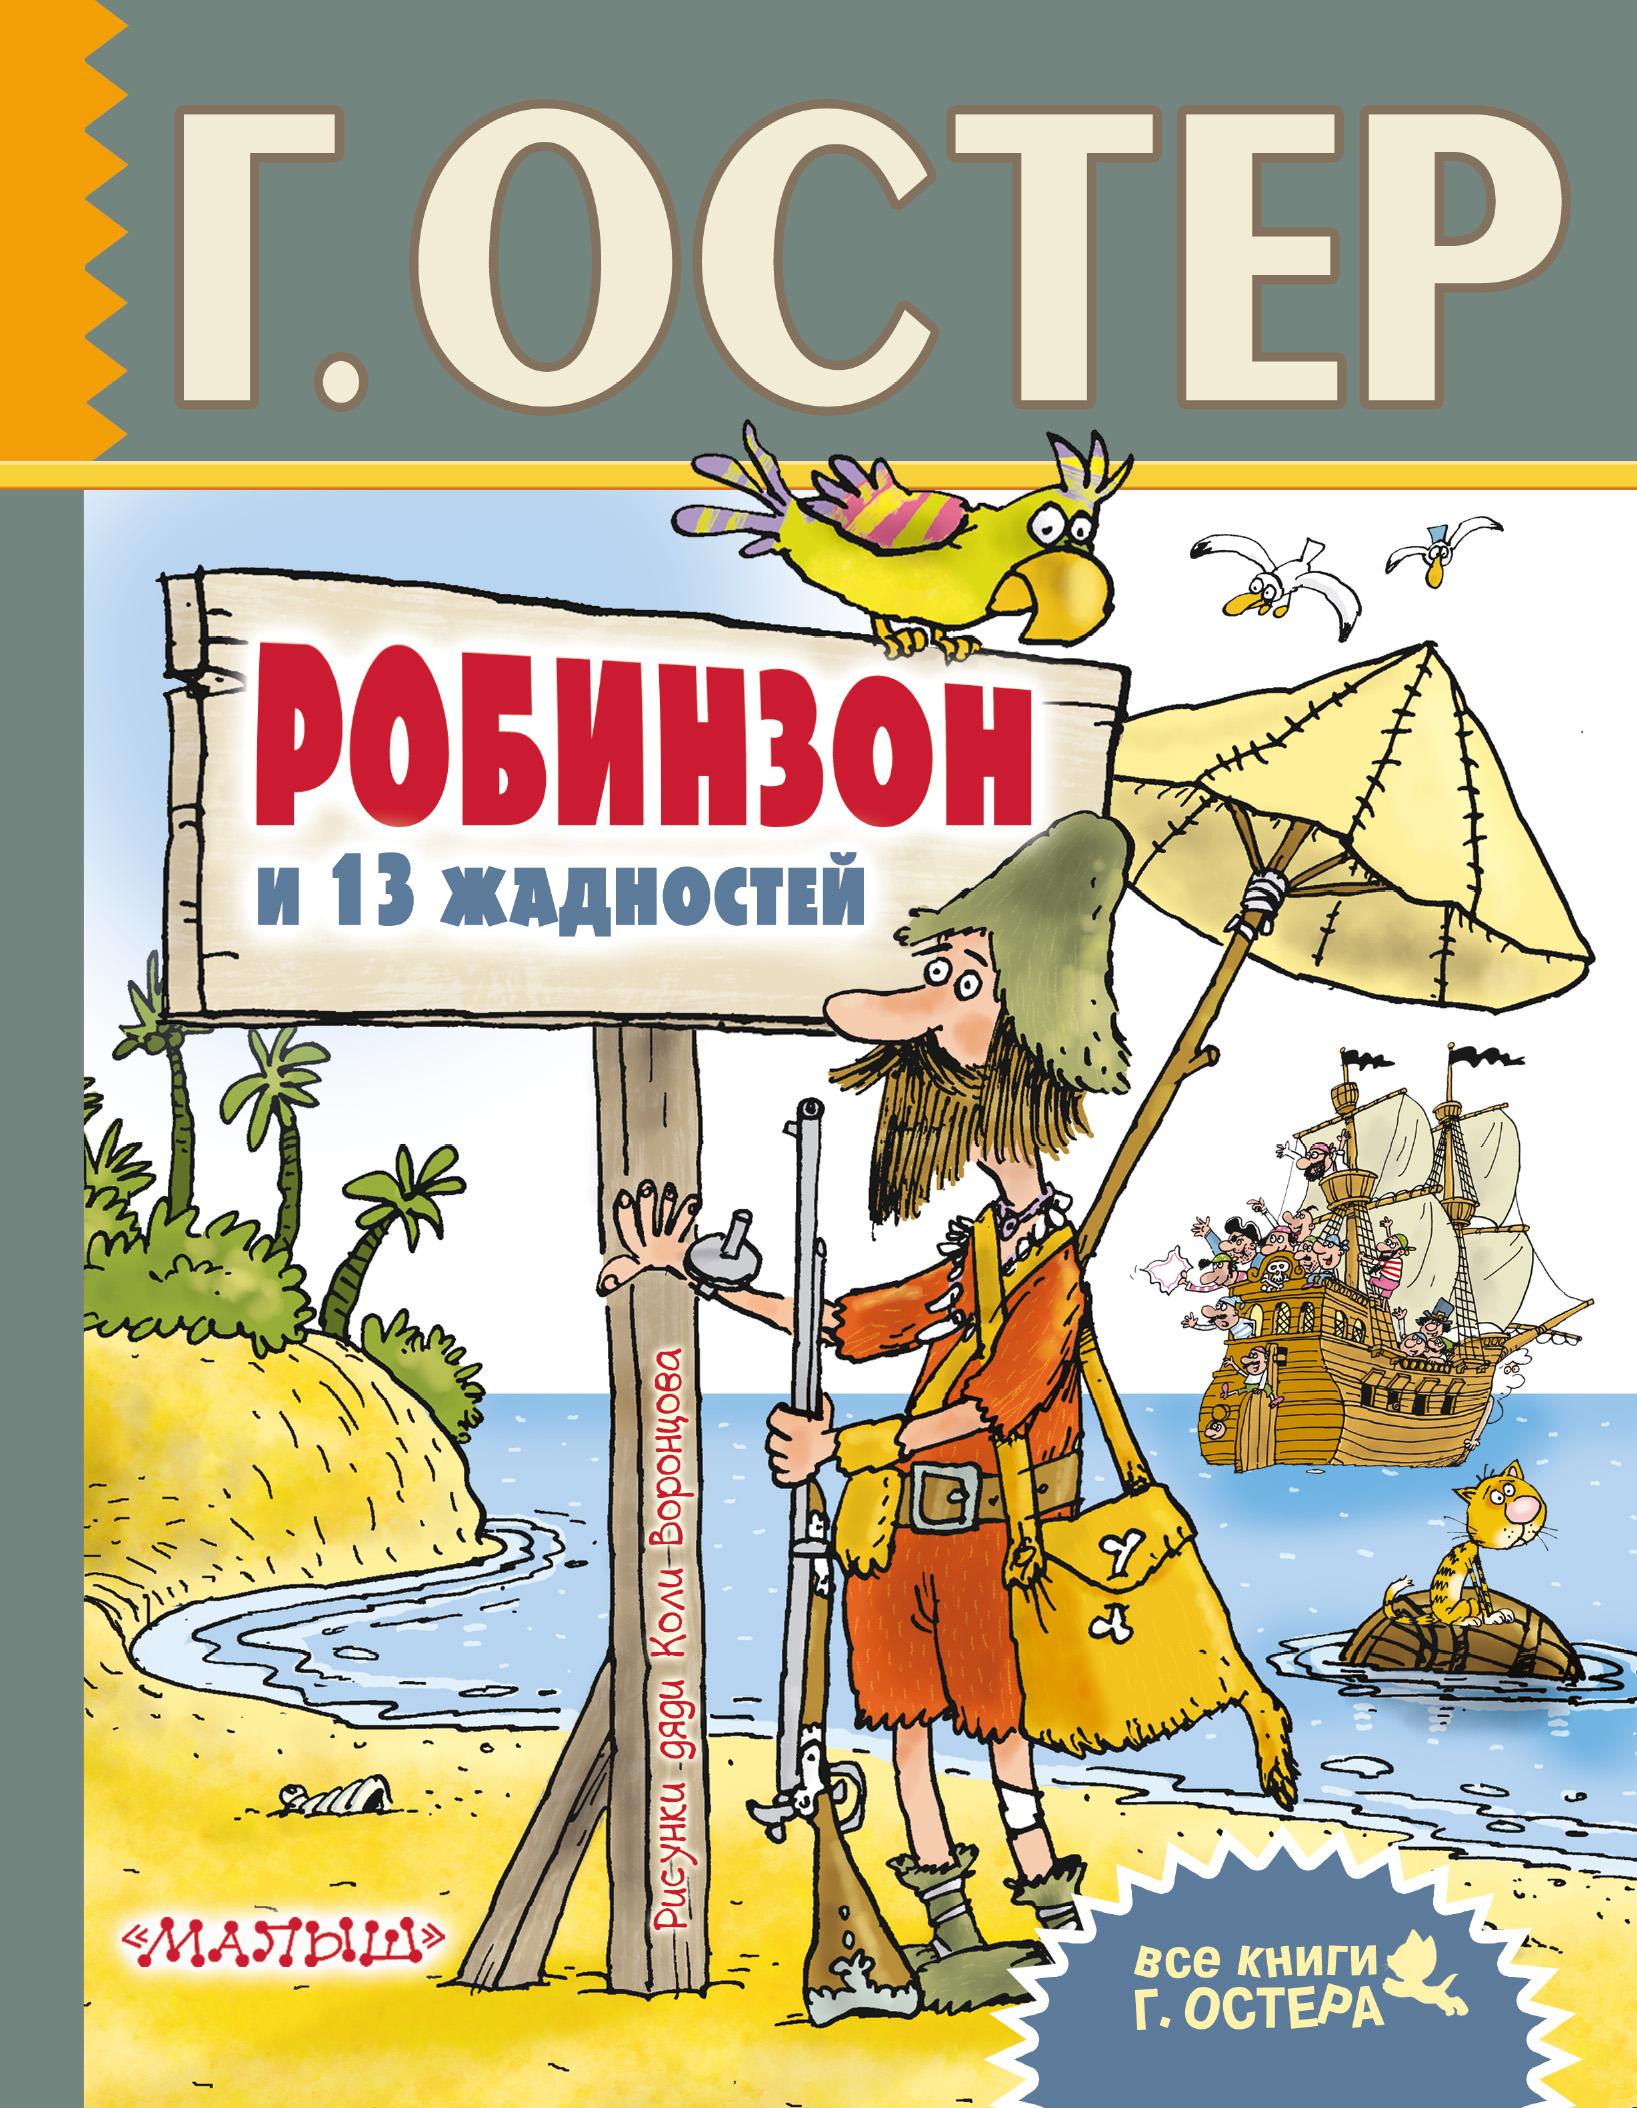 Остер Г.Б. Робинзон и 13 жадностей. Рисунки Н. Воронцова издательство аст робинзон и тринадцать жадностей